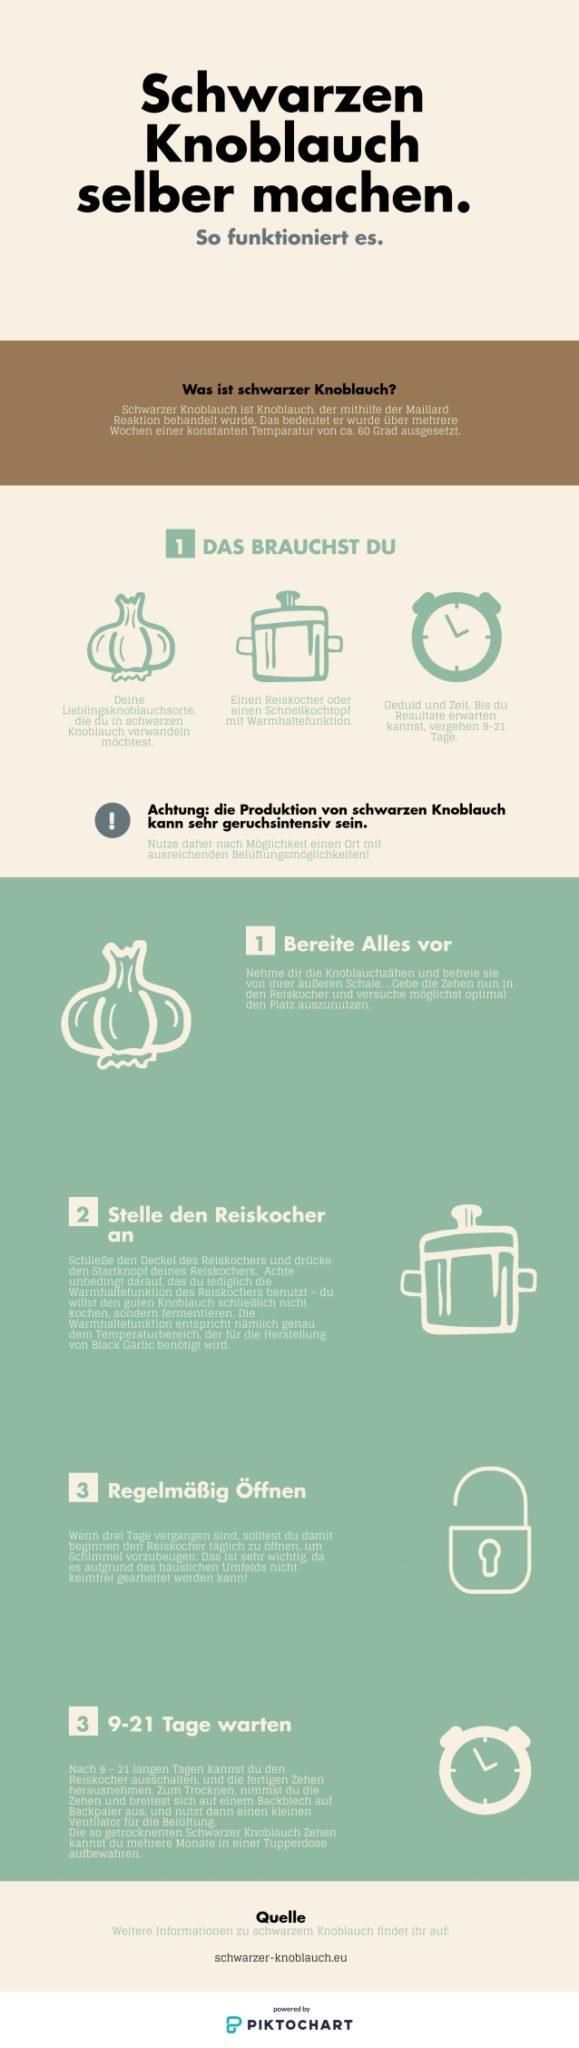 Schwarzer Knoblauch selber machen - Infografik